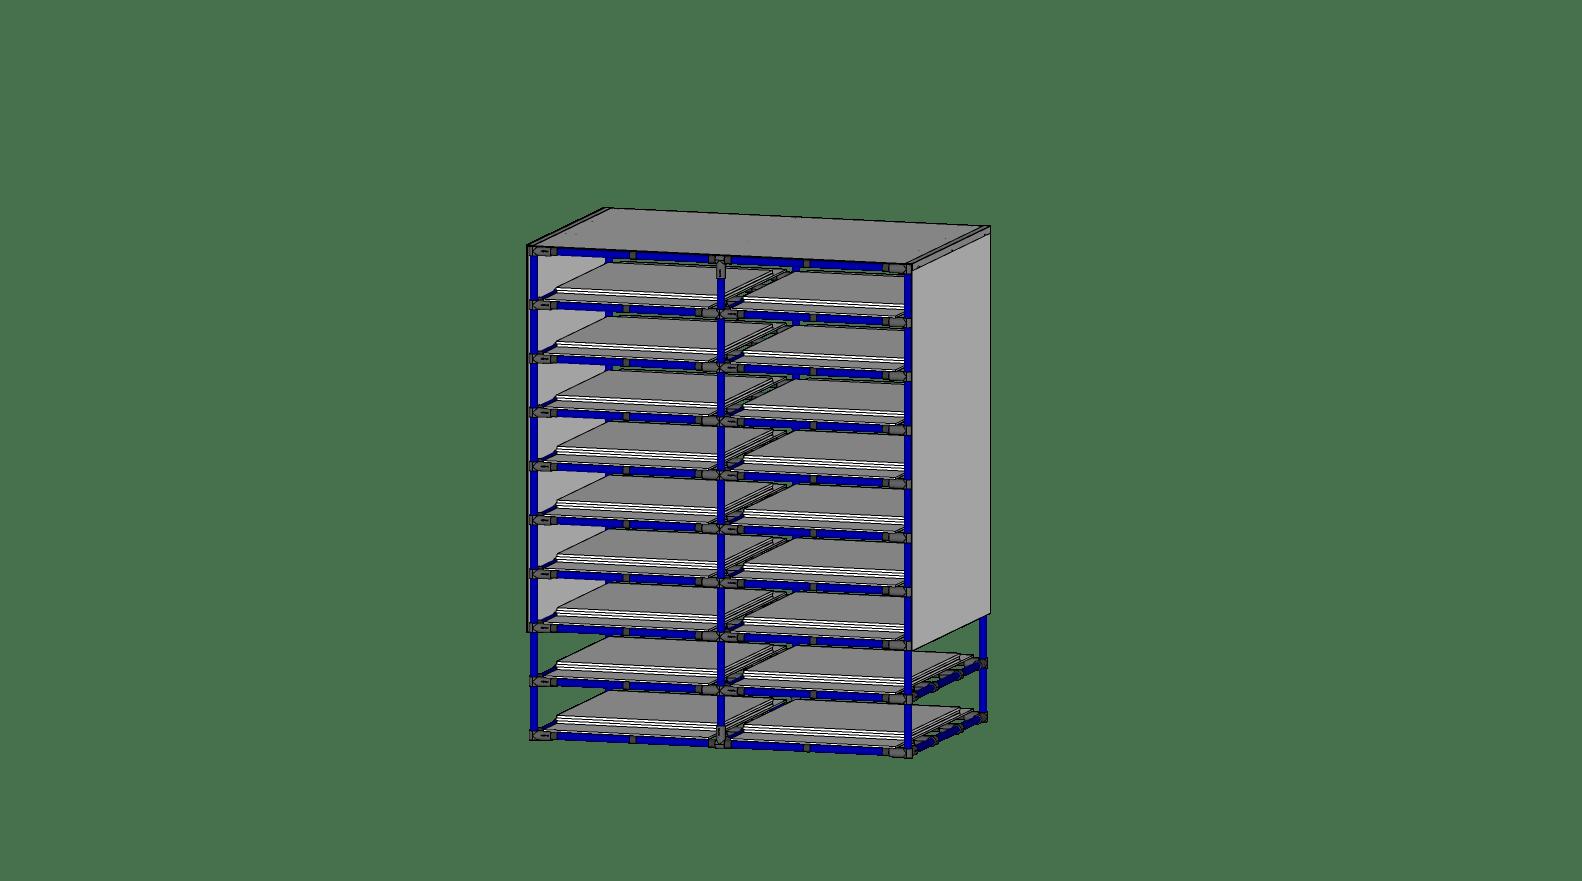 Étagère pour boîtes en cartons (18 emplacements)